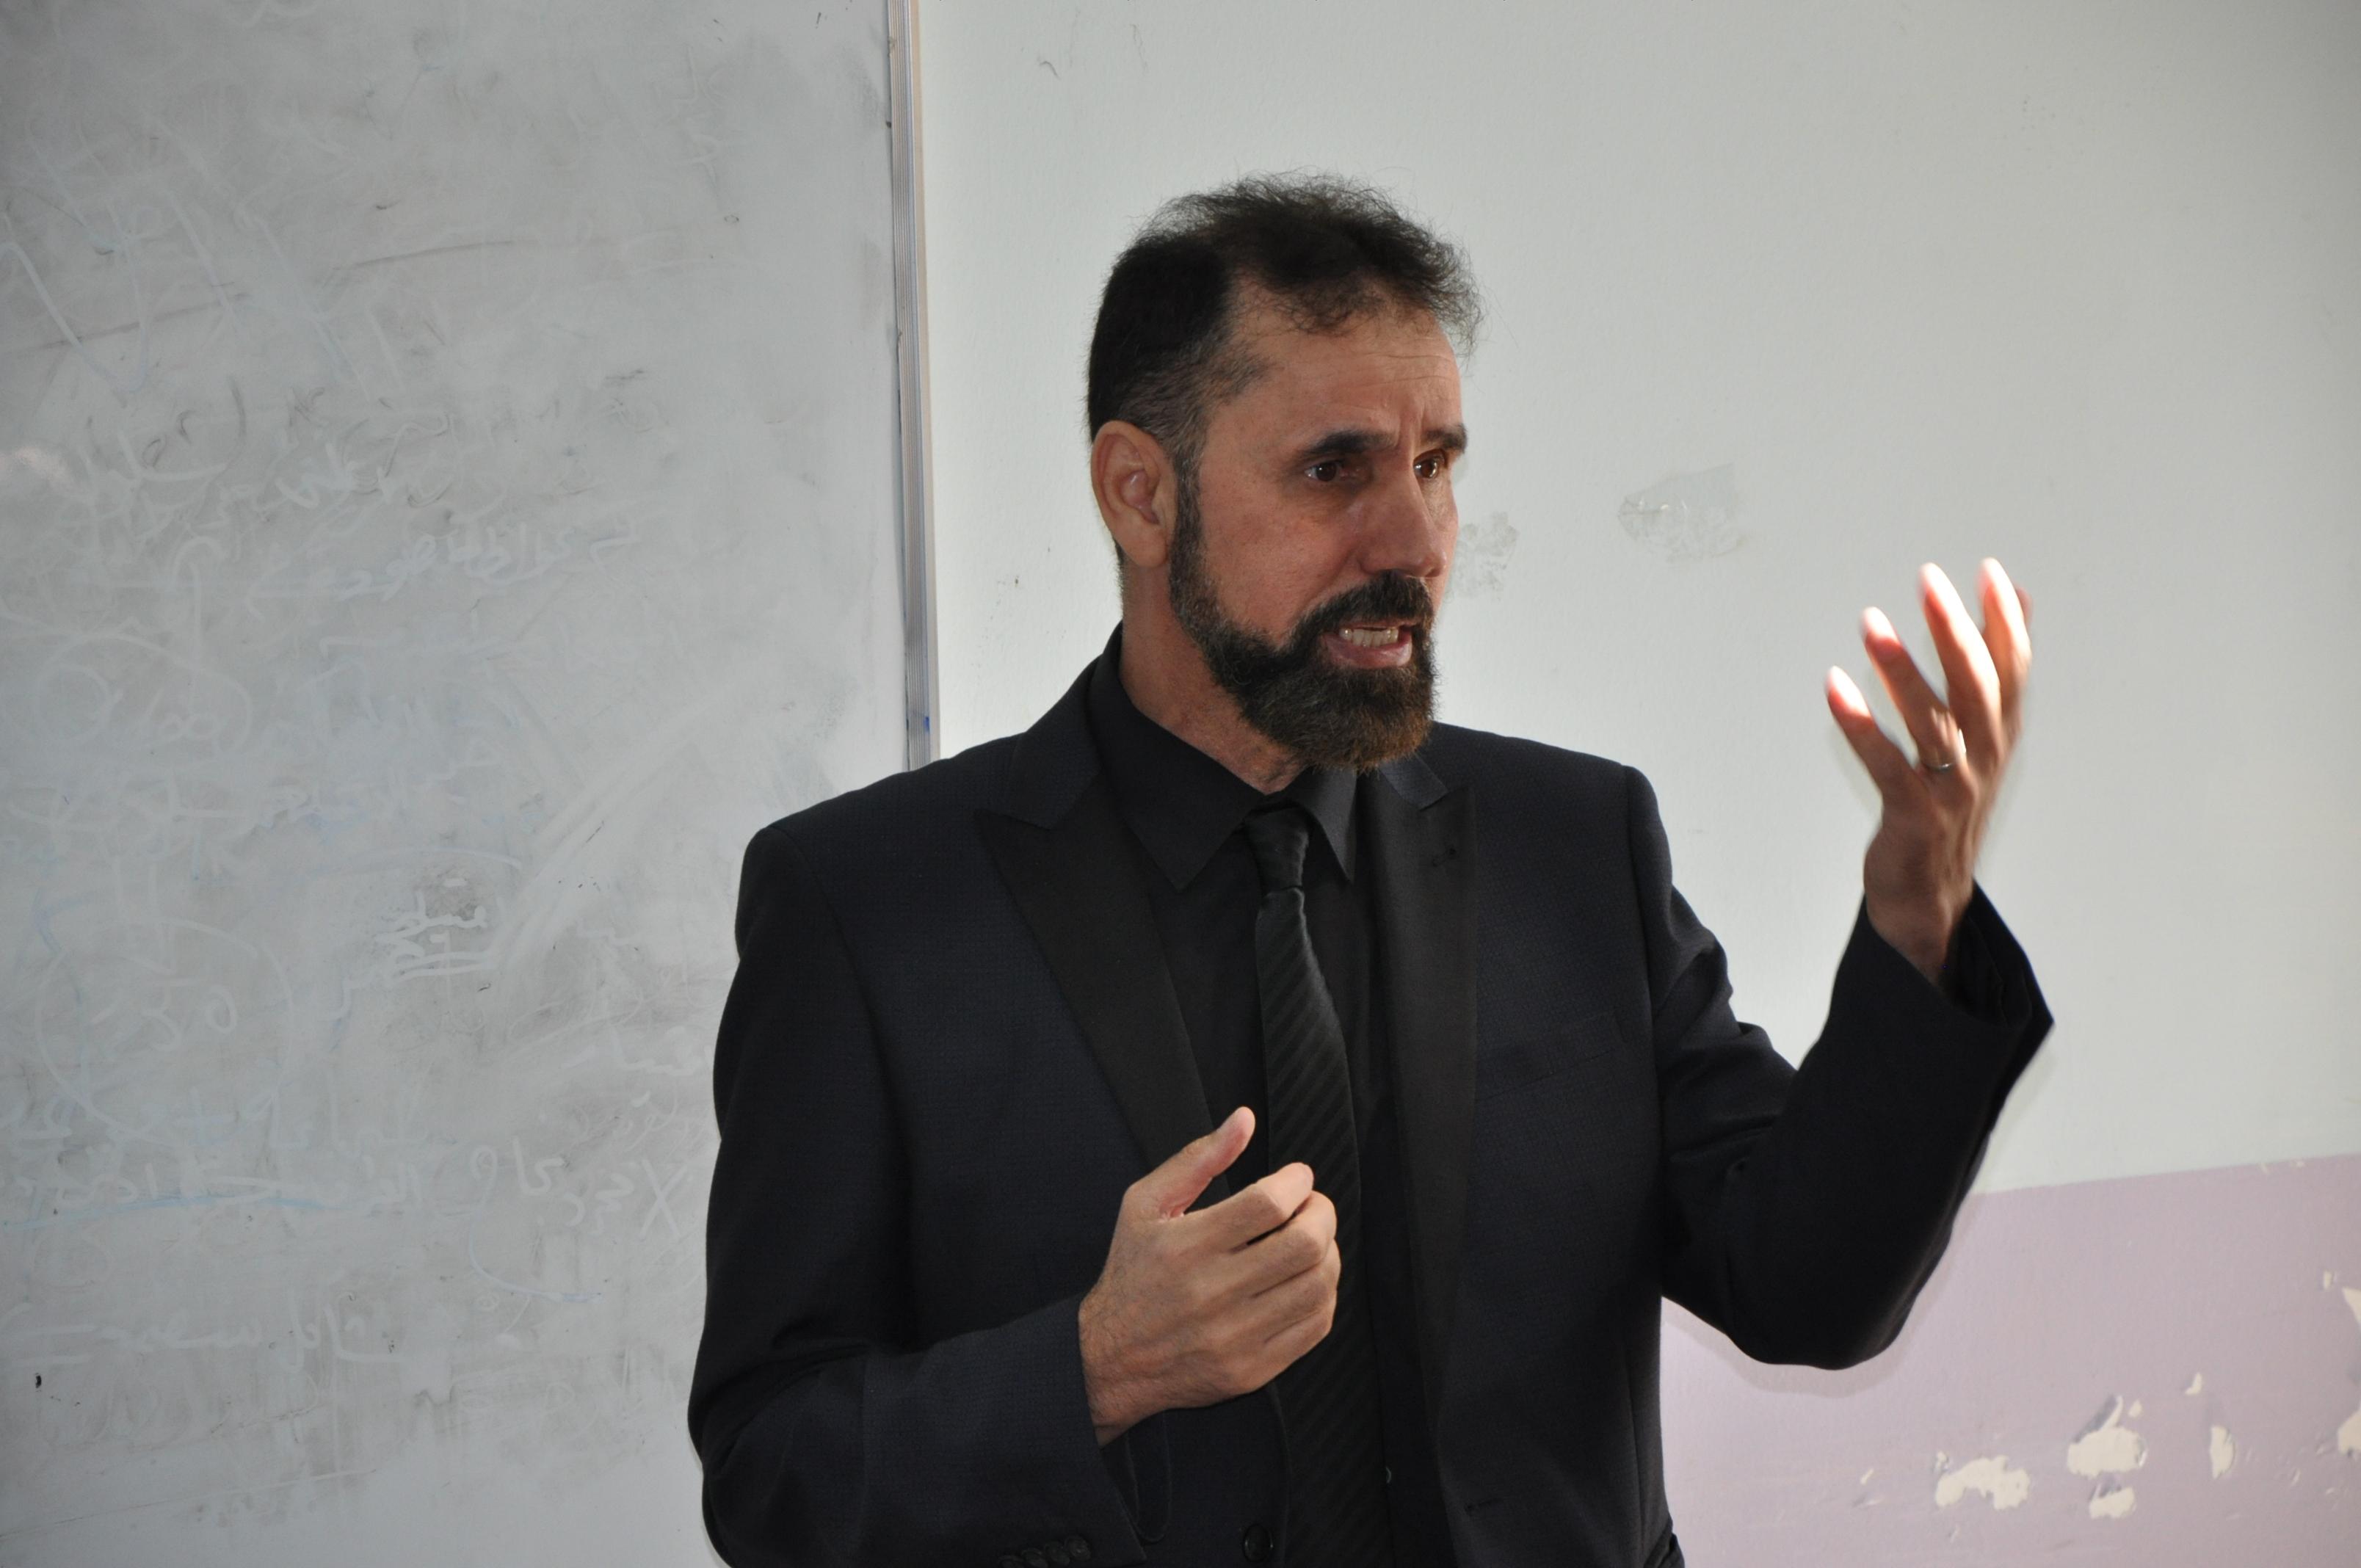 كلية الآداب بجامعة القادسية تقيم ورشة عمل بعنوان  النظرية والتنظير في العلوم الاجتماعية